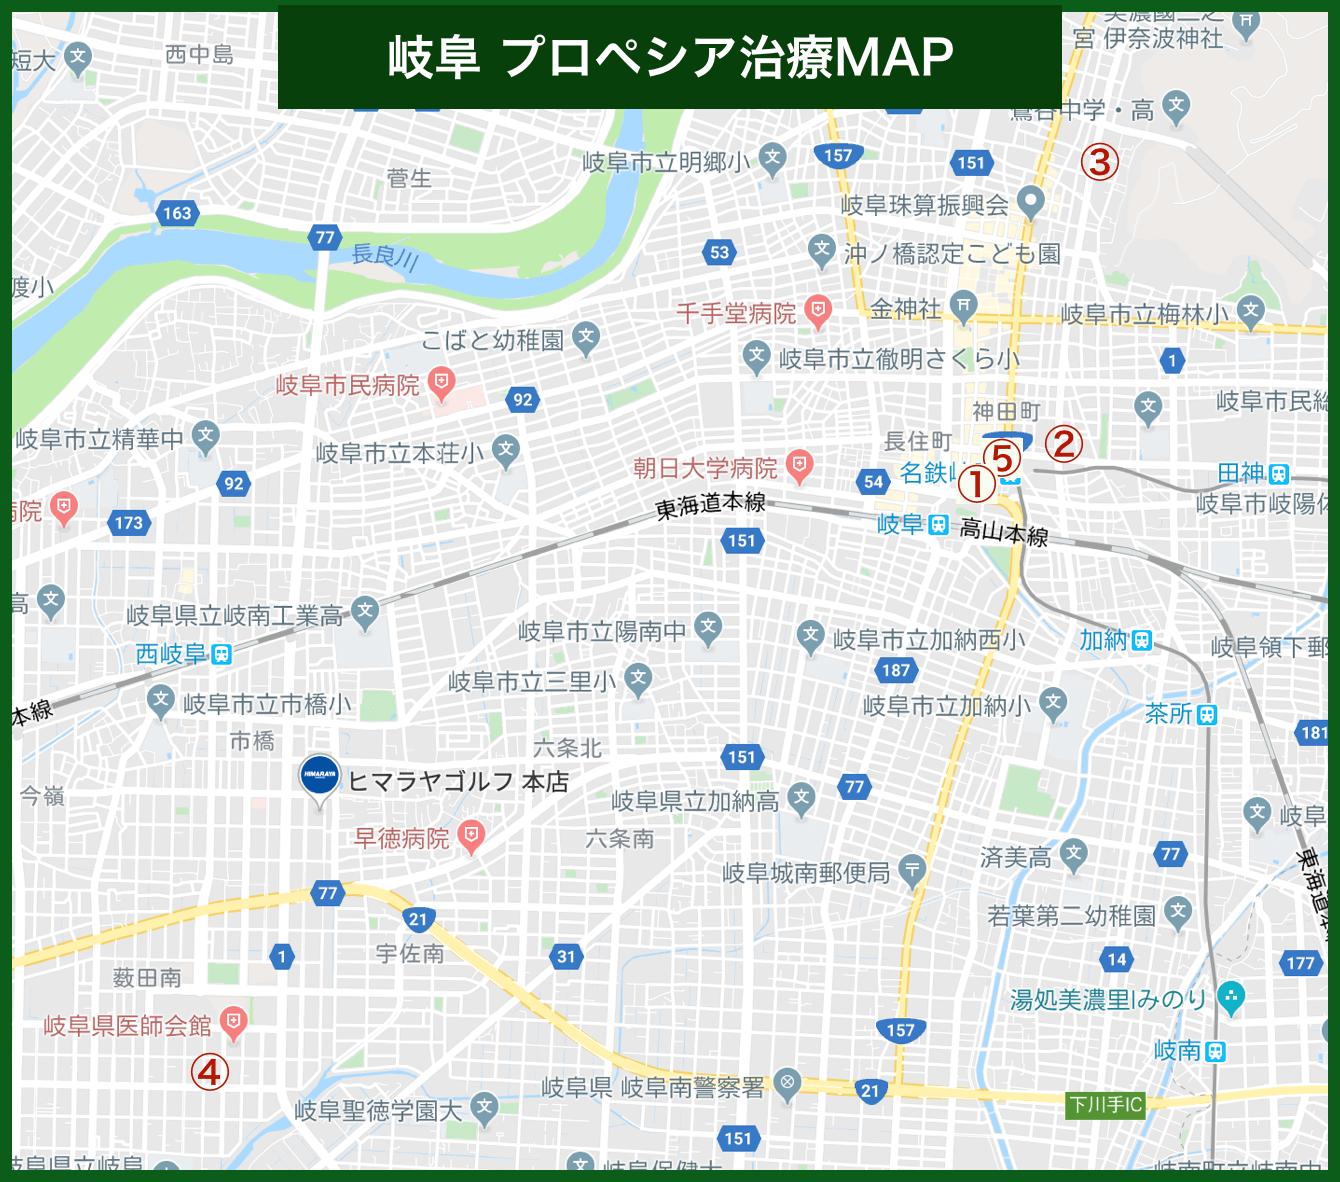 岐阜プロペシア治療MAP(2020年版)